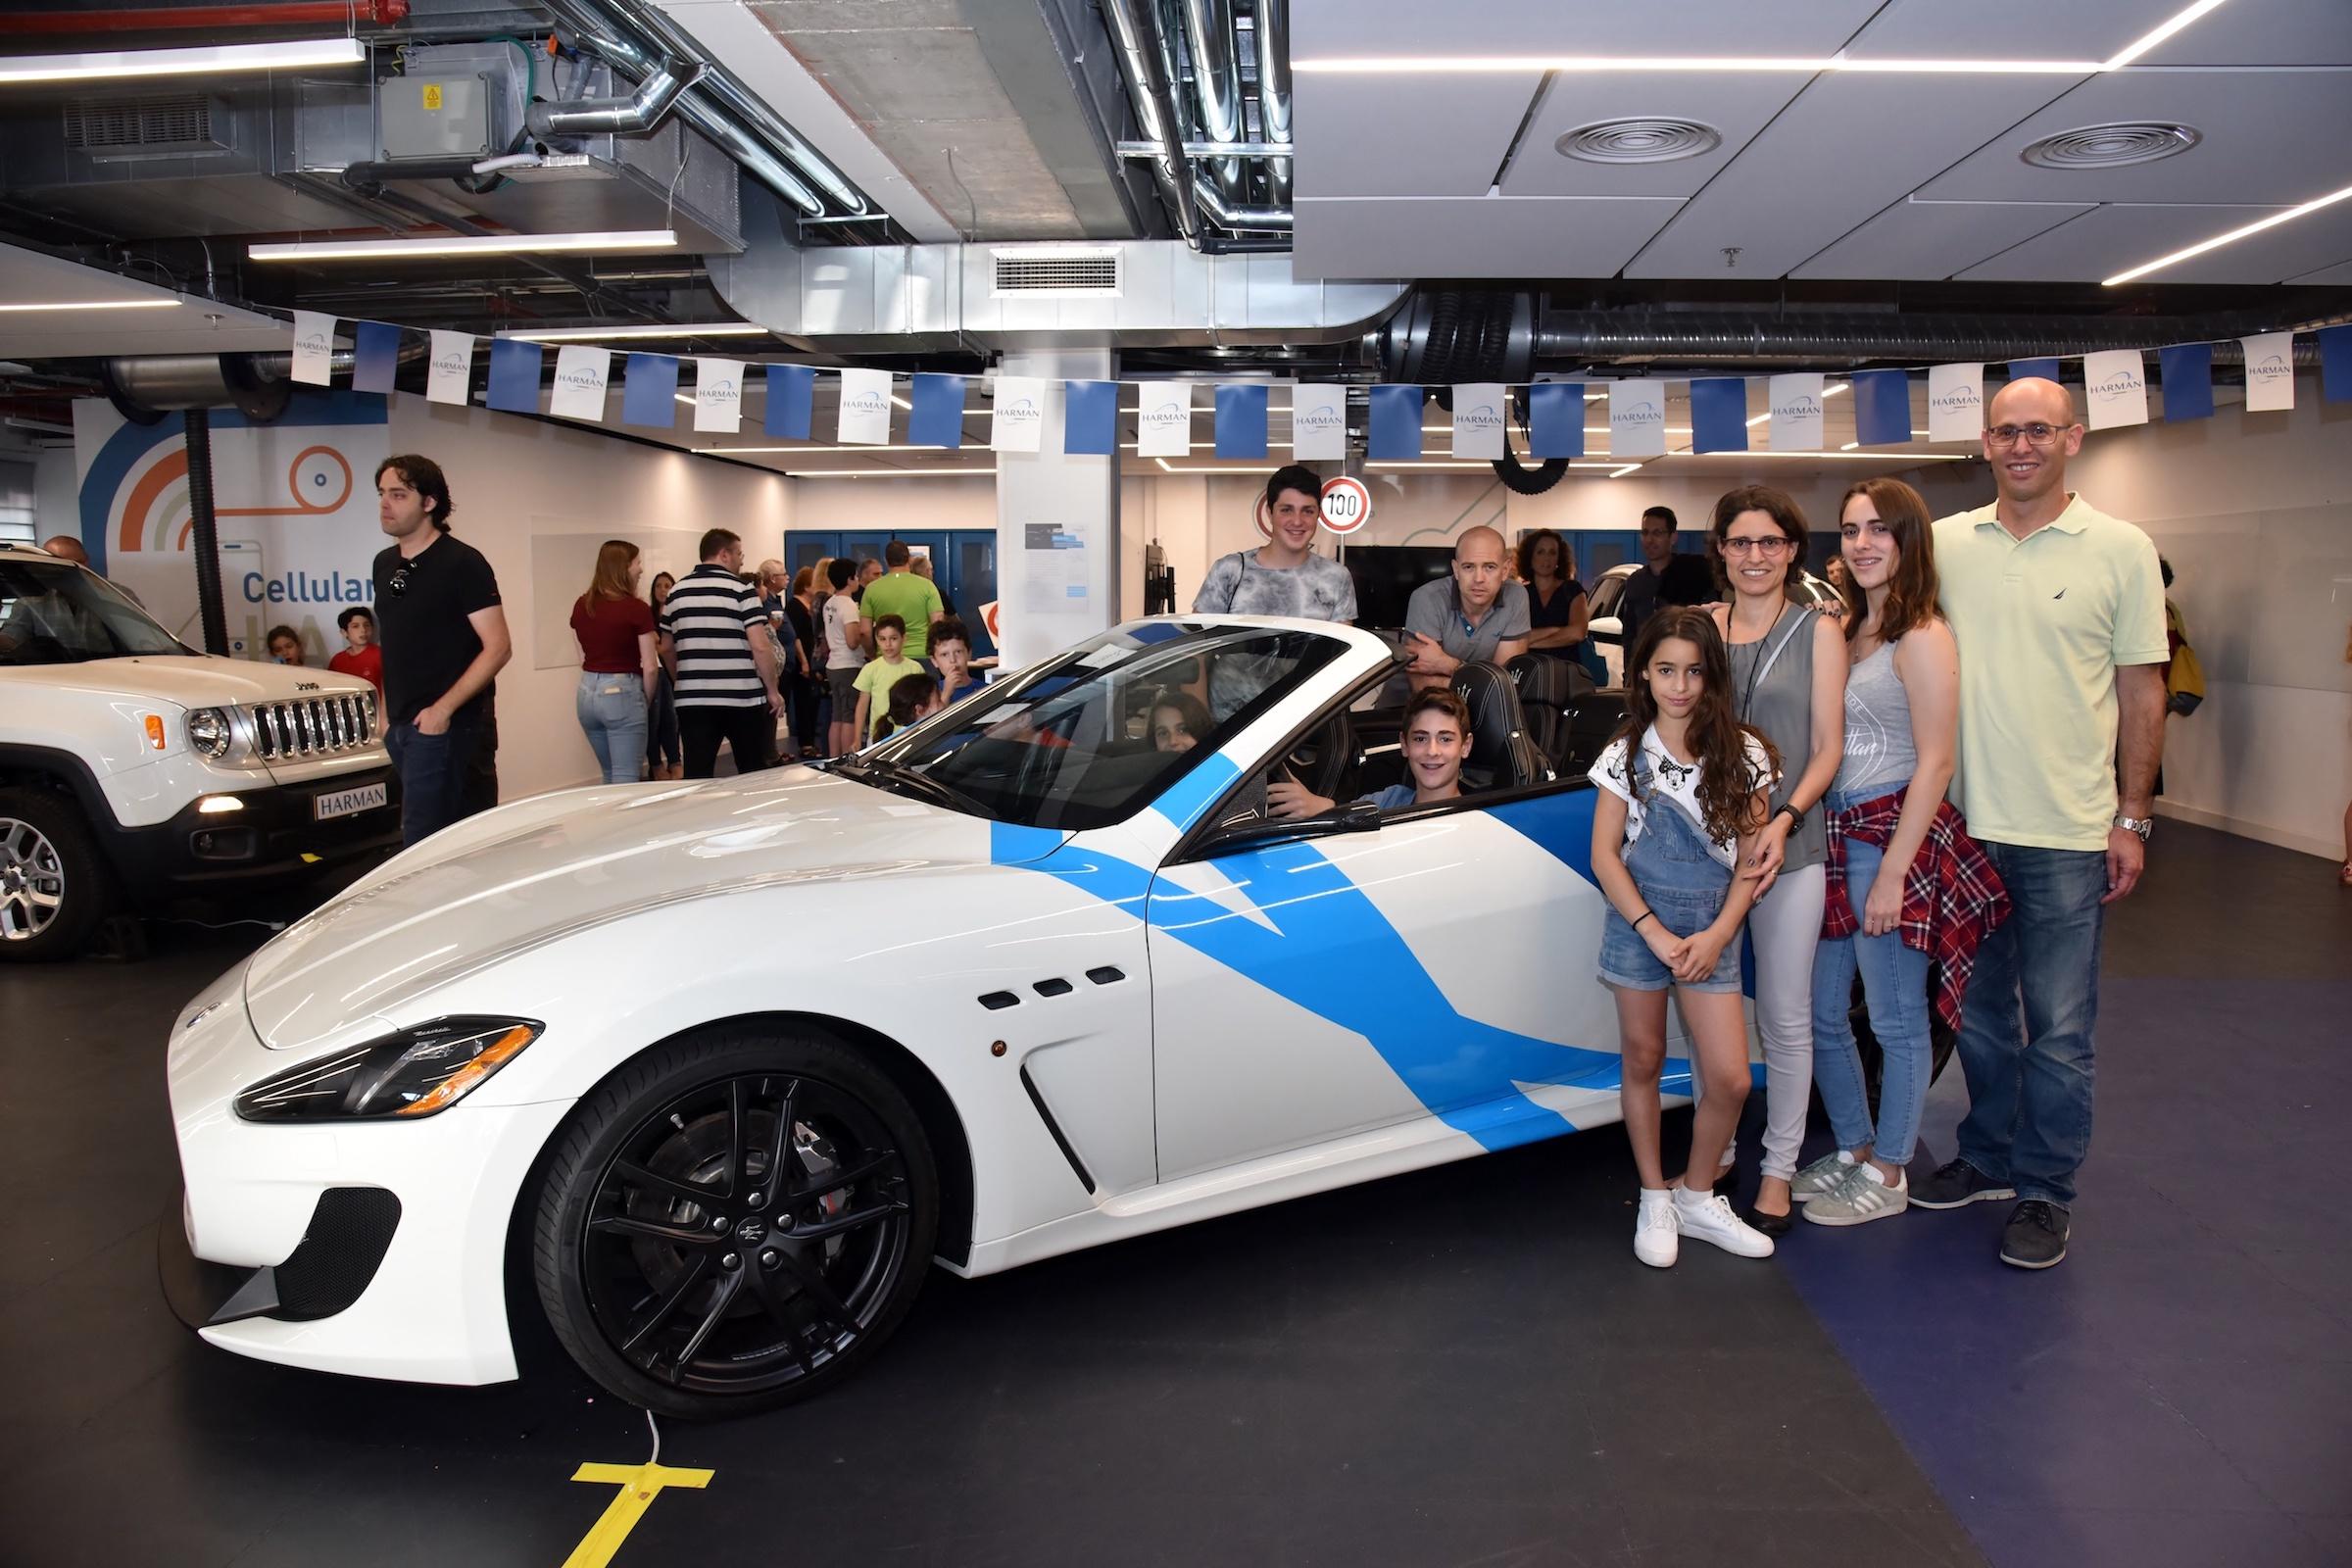 יום משפחה בחברת ההייטק עם מכונית בשווי מיליון שקל